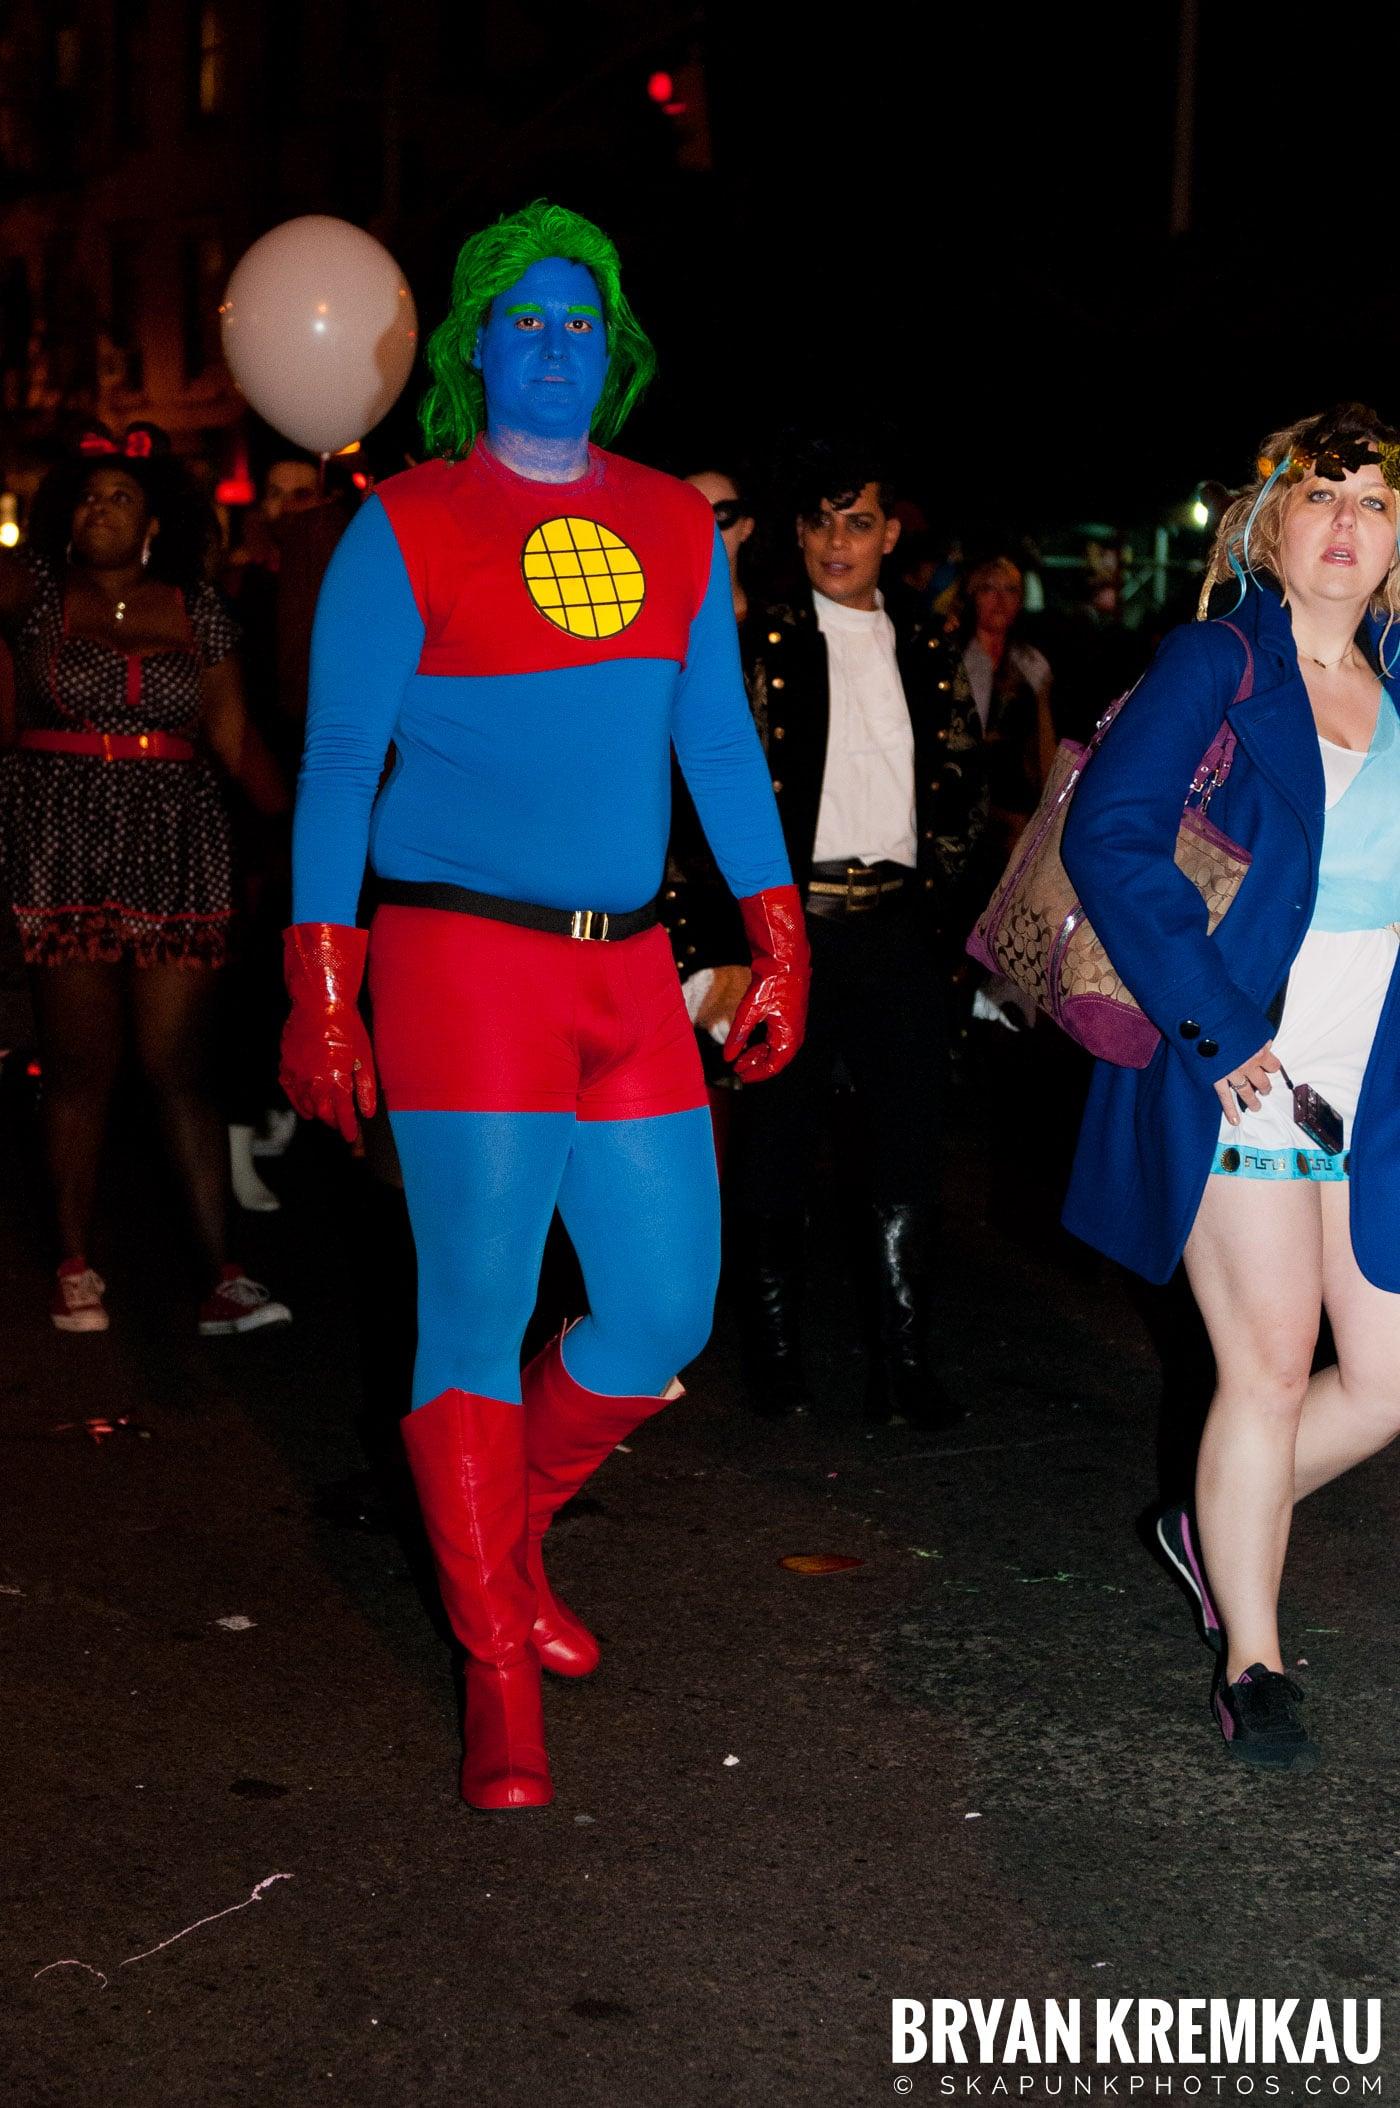 NYC Halloween Parade 2011 @ New York, NY - 10.31.11 (7)